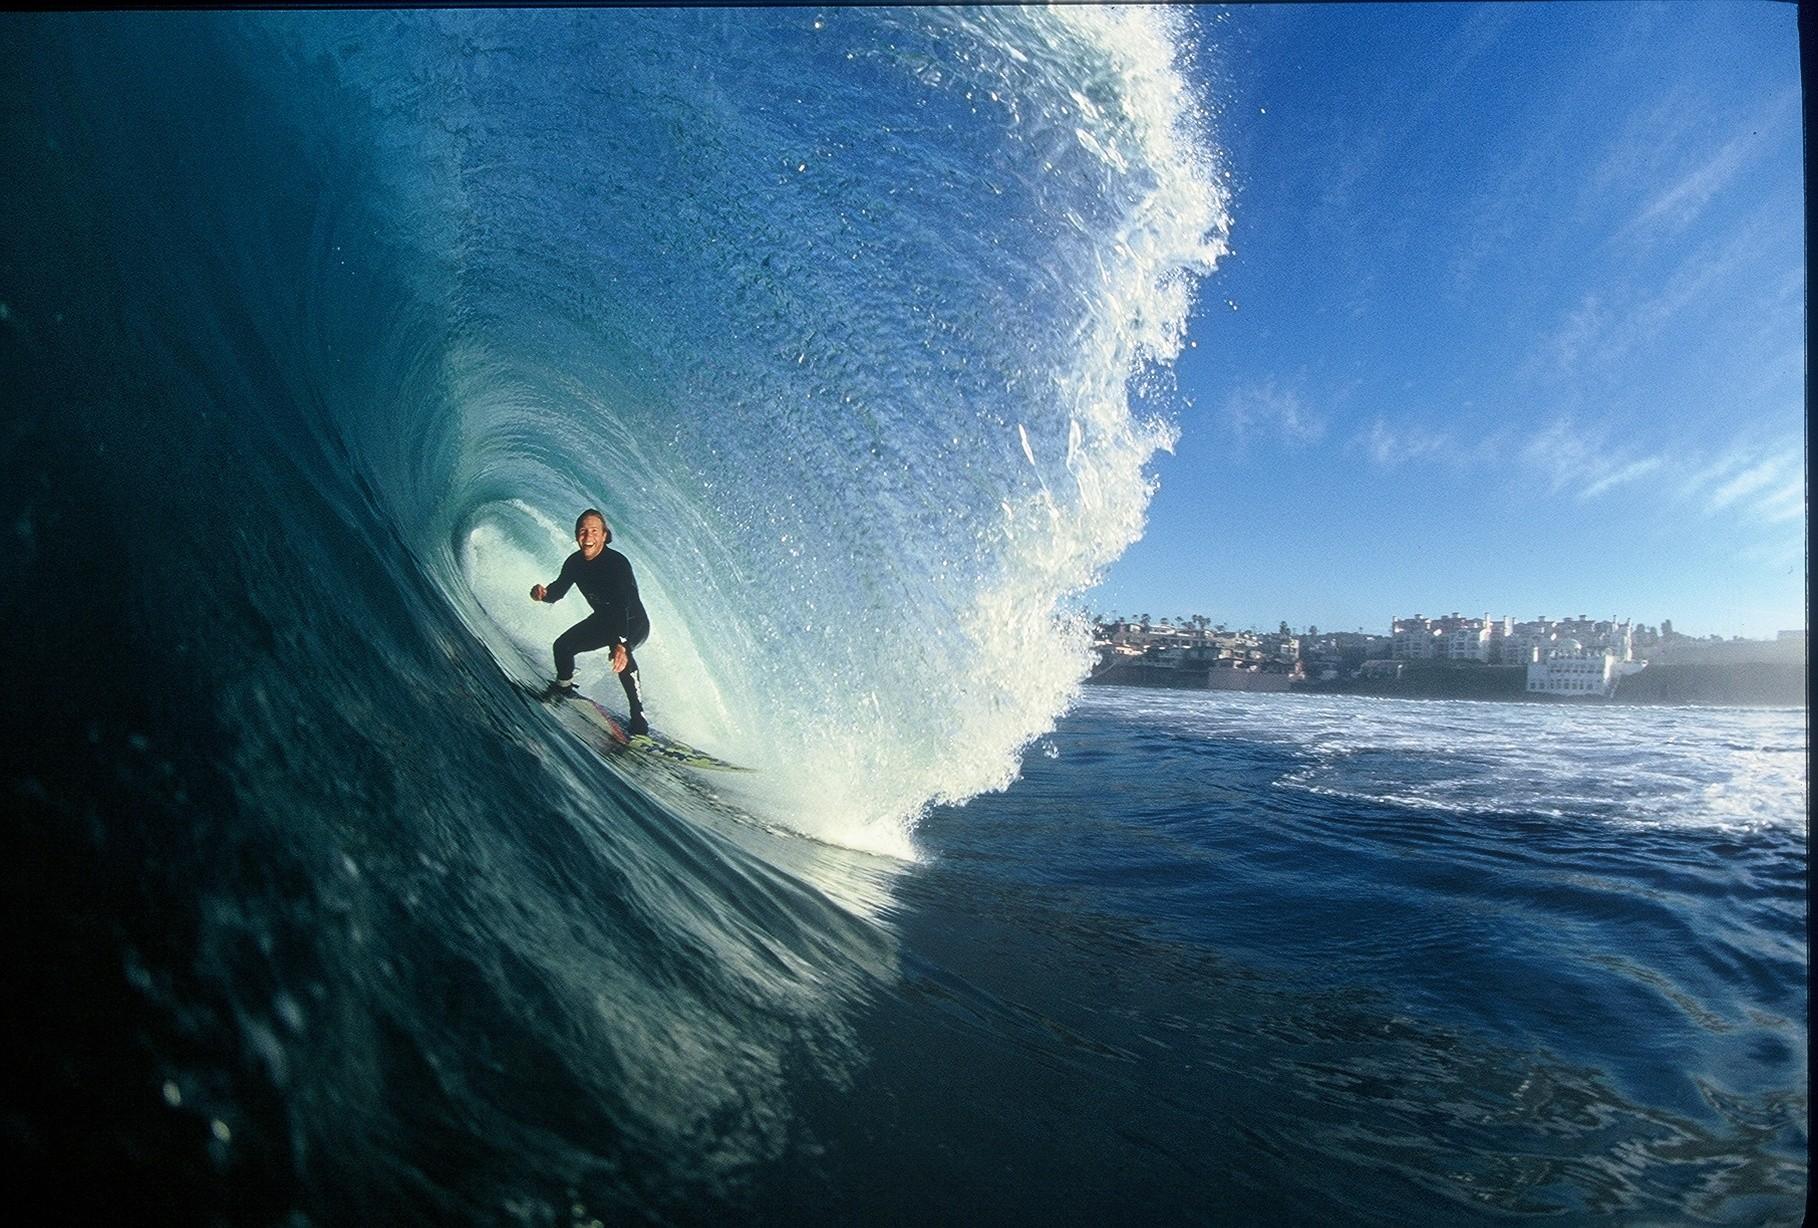 серфинг фото на рабочий стол известного режиссера